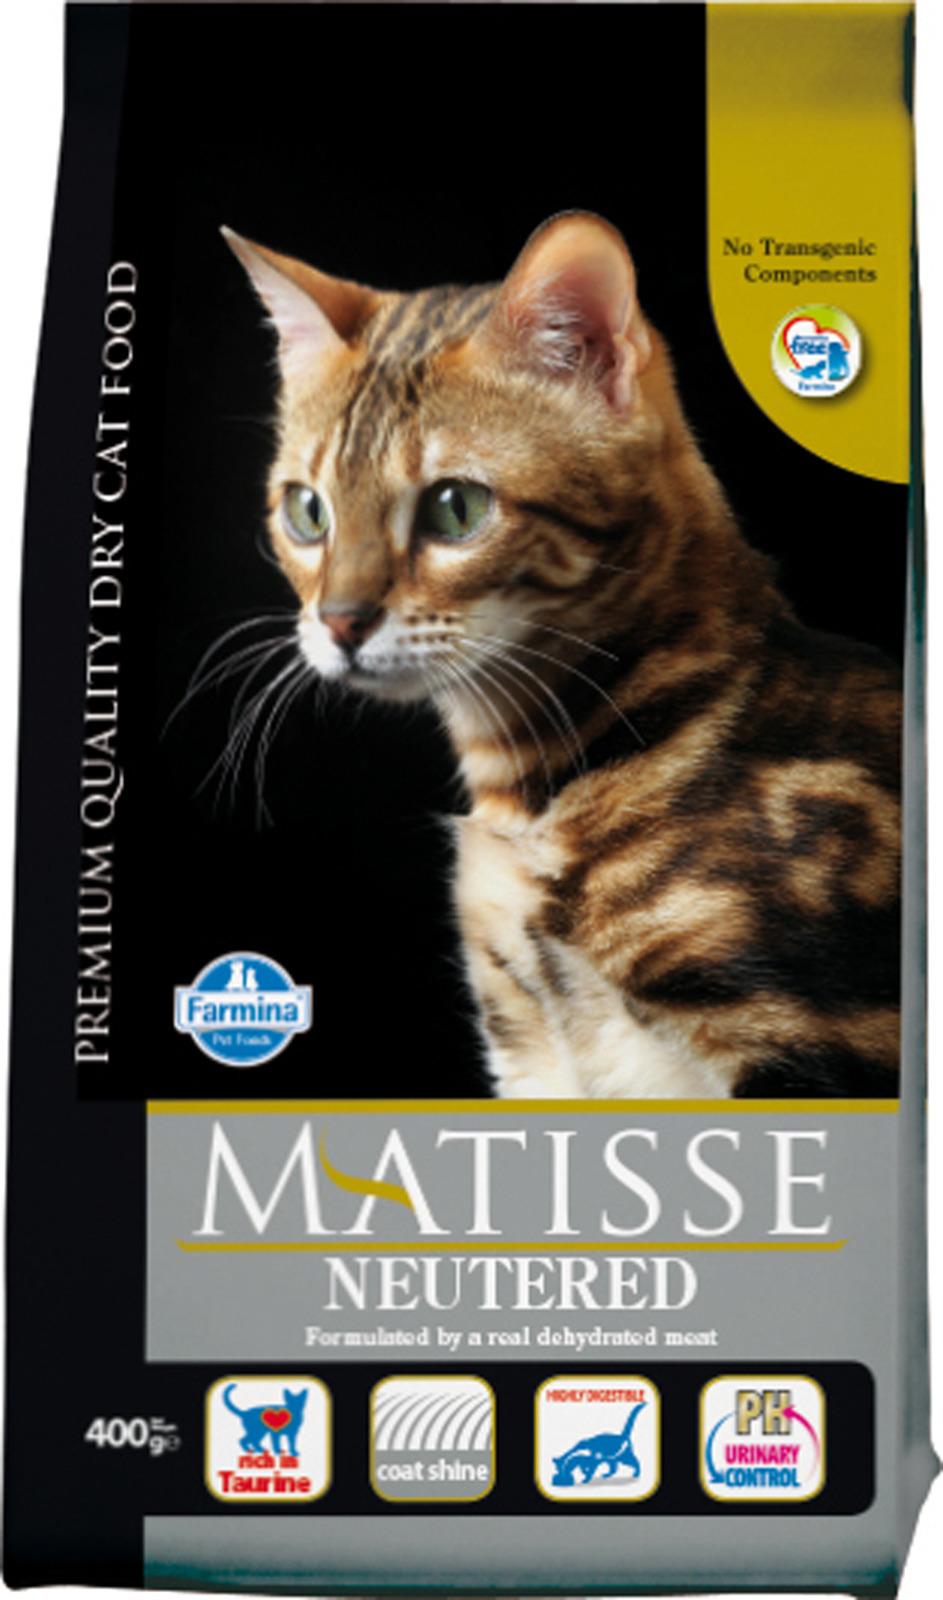 MATISSE ( 400г) д/к  стерилиз. Neutered (уп24) Kormberi.ru магазин товаров для ваших животных